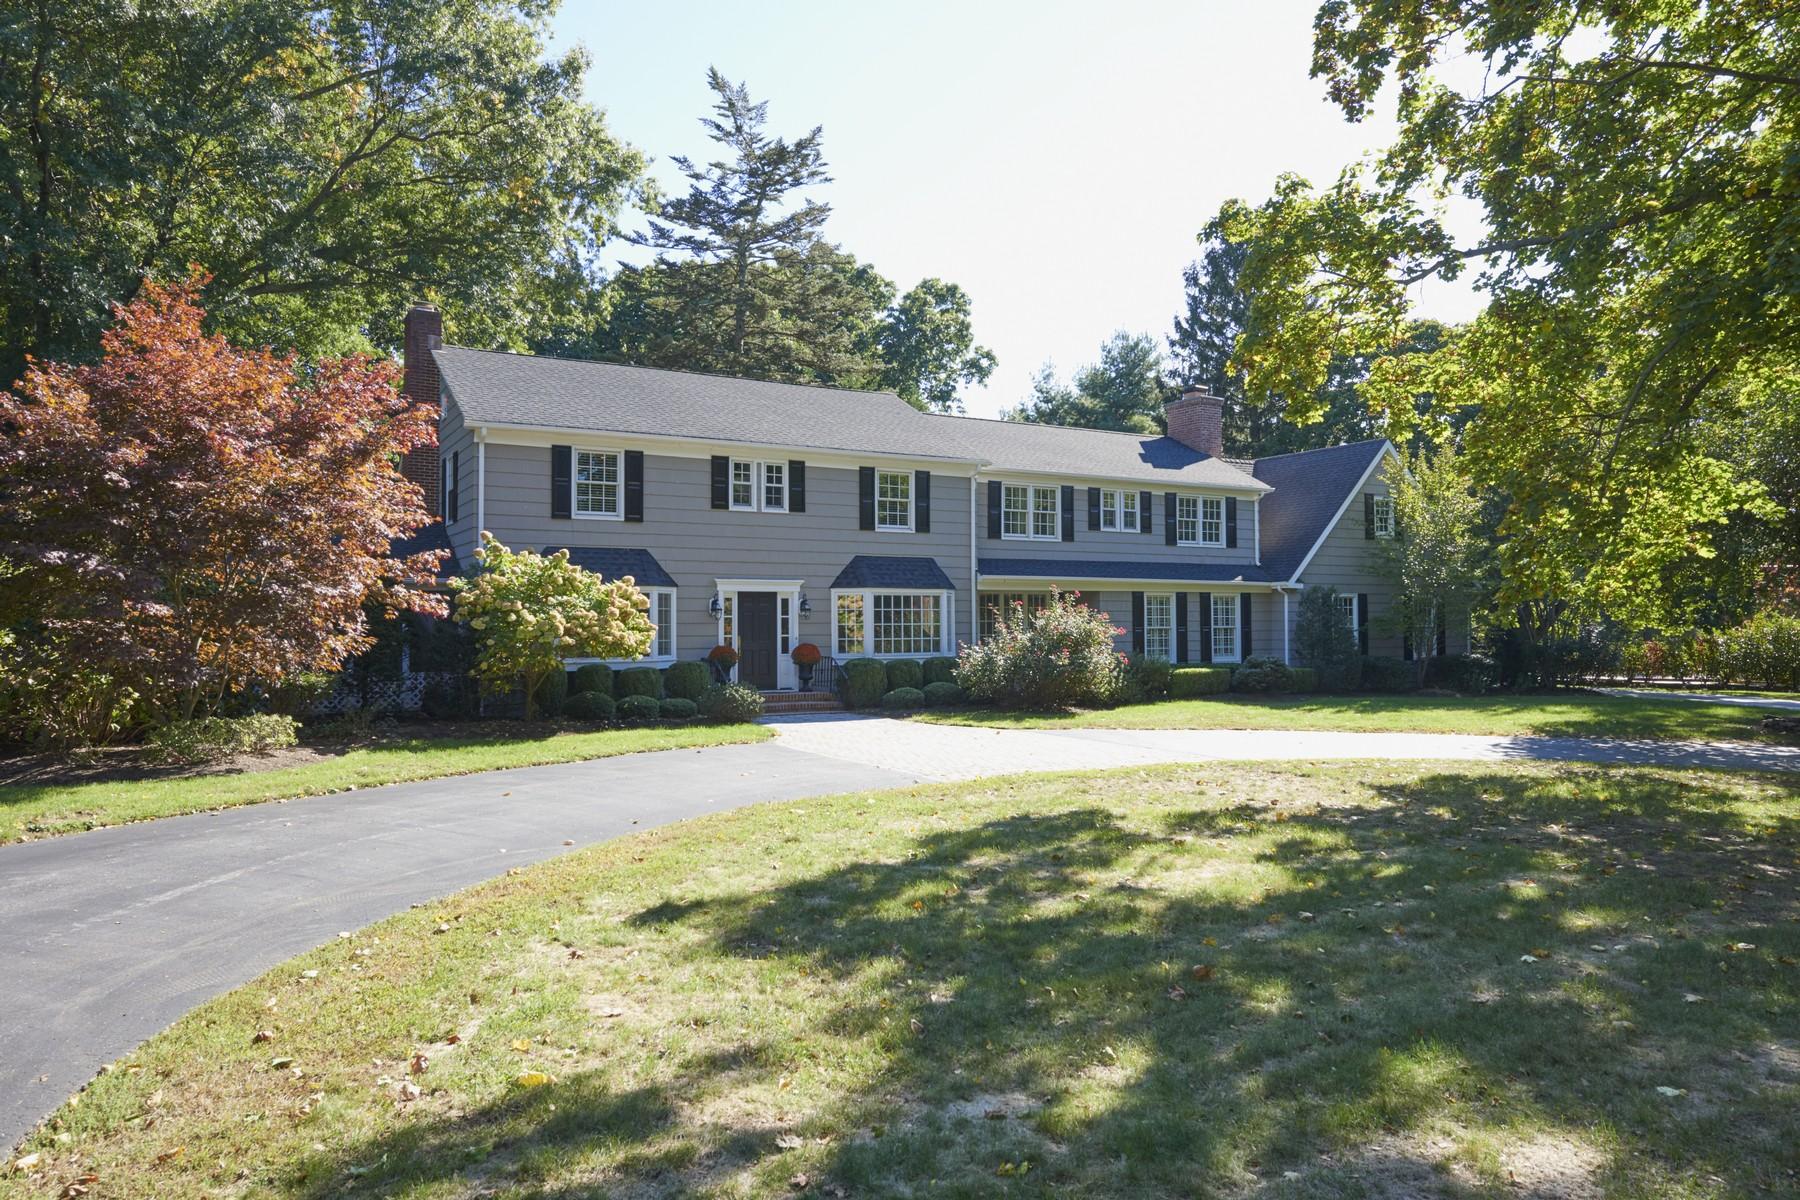 Частный односемейный дом для того Продажа на Charming House 7 Buena Vista Ave Rumson, Нью-Джерси, 07760 Соединенные Штаты